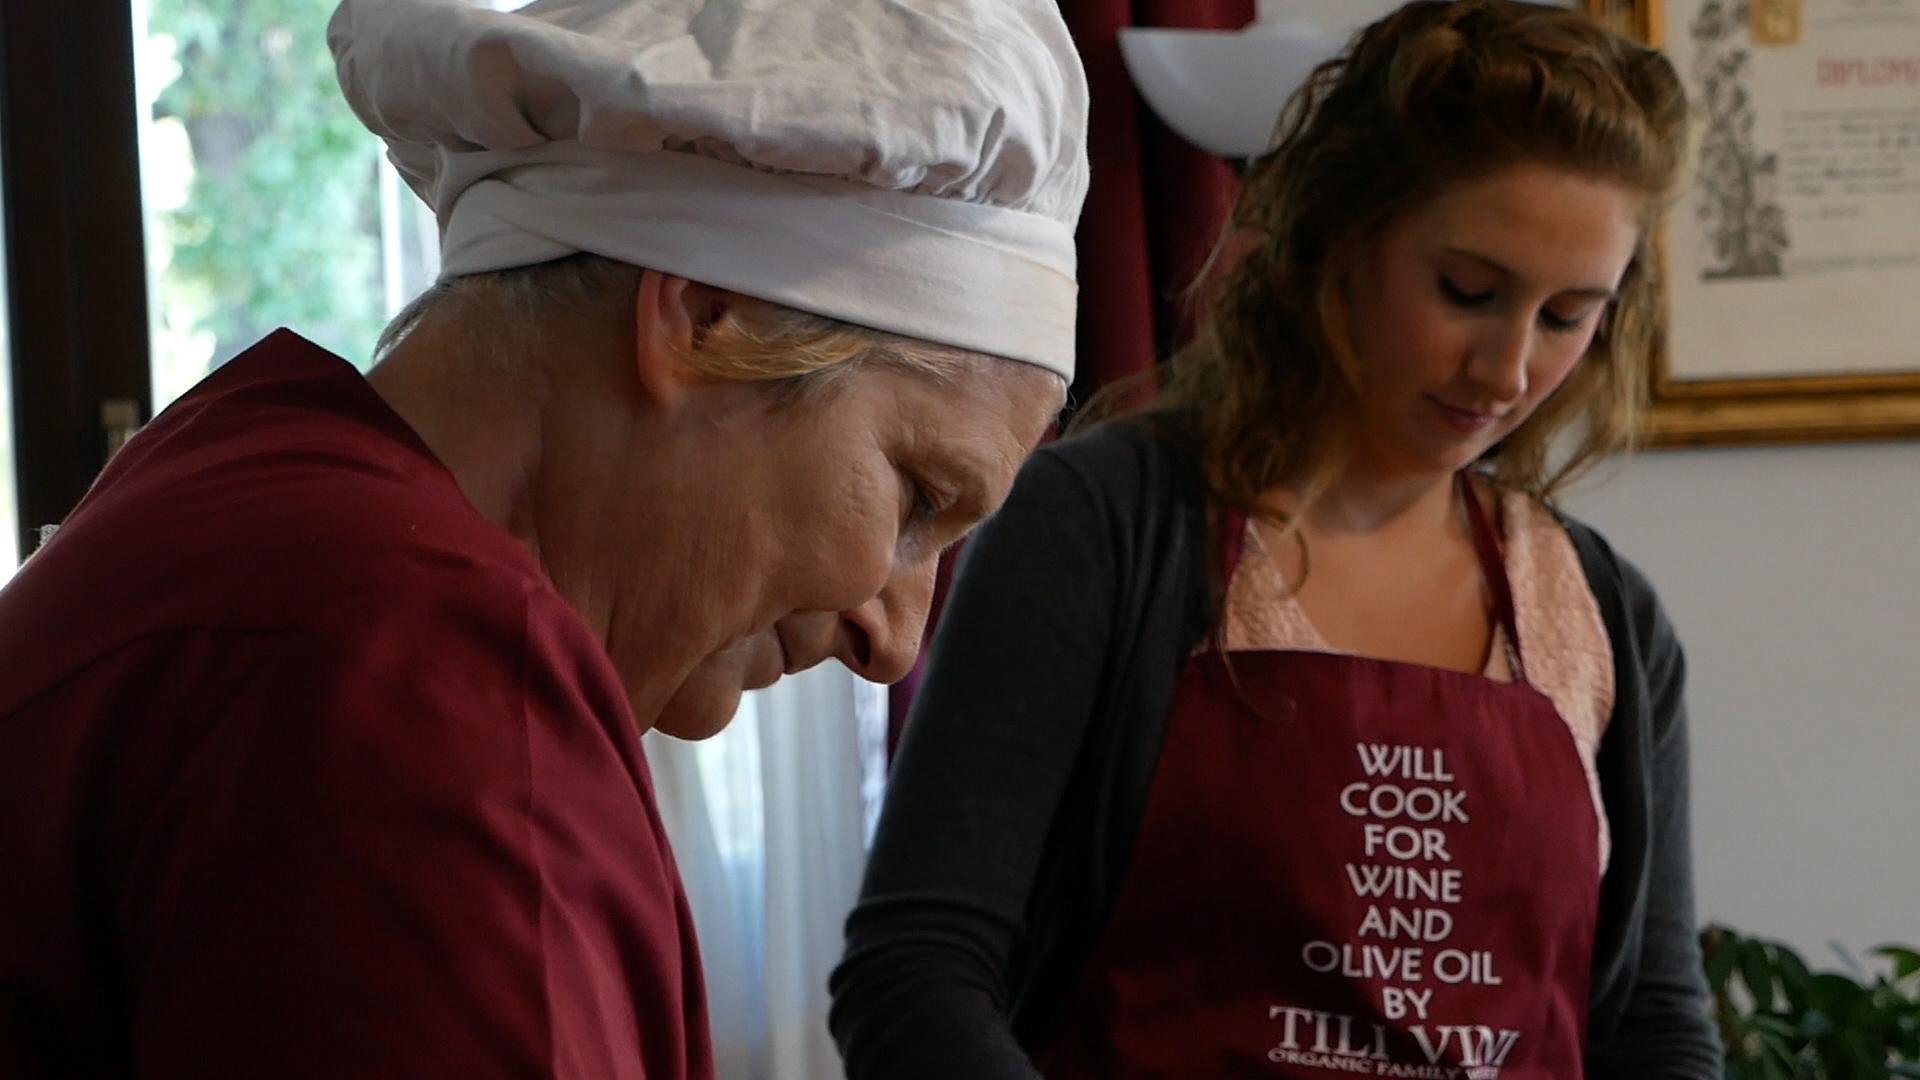 Esperienza sensoriale Assisi Tili Vini - Lezioni di cucina Umbra 1